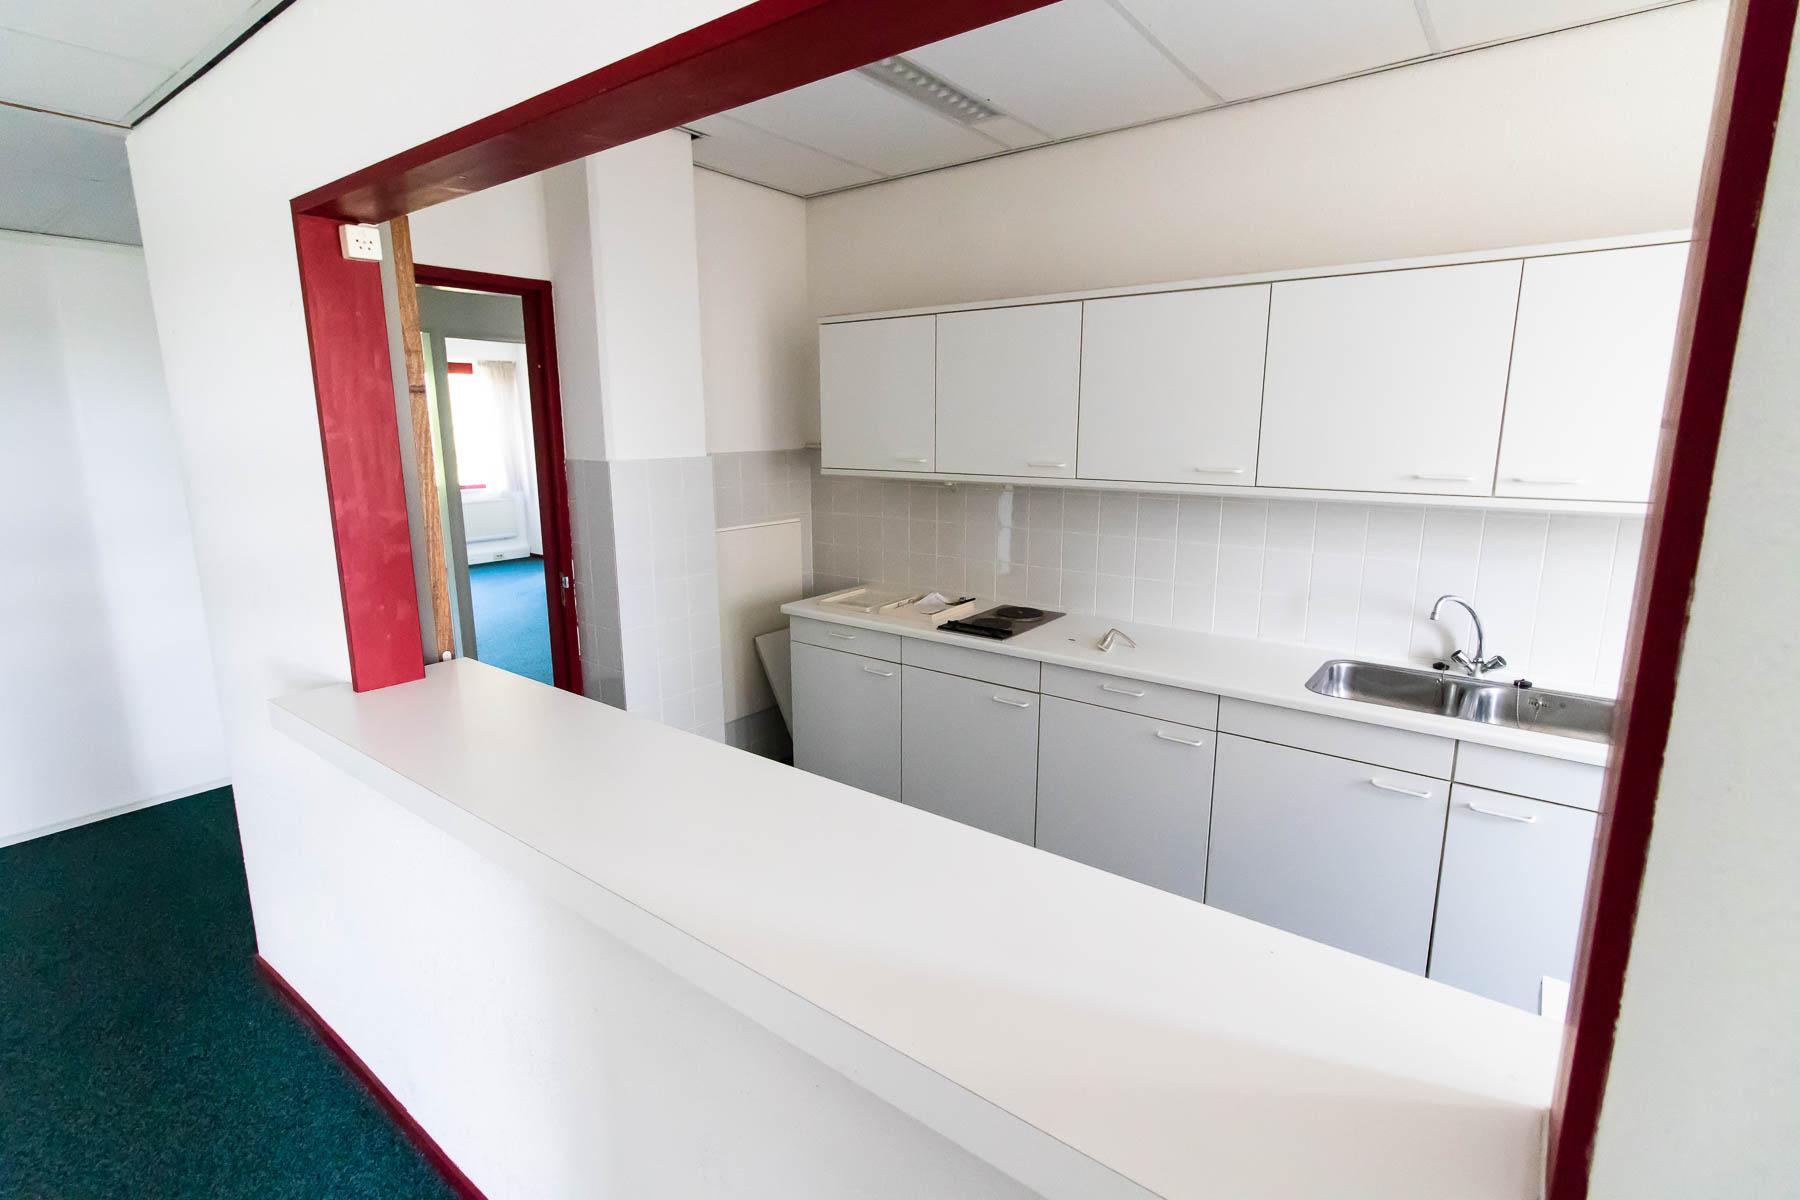 De pantry in het kantoorgebouw